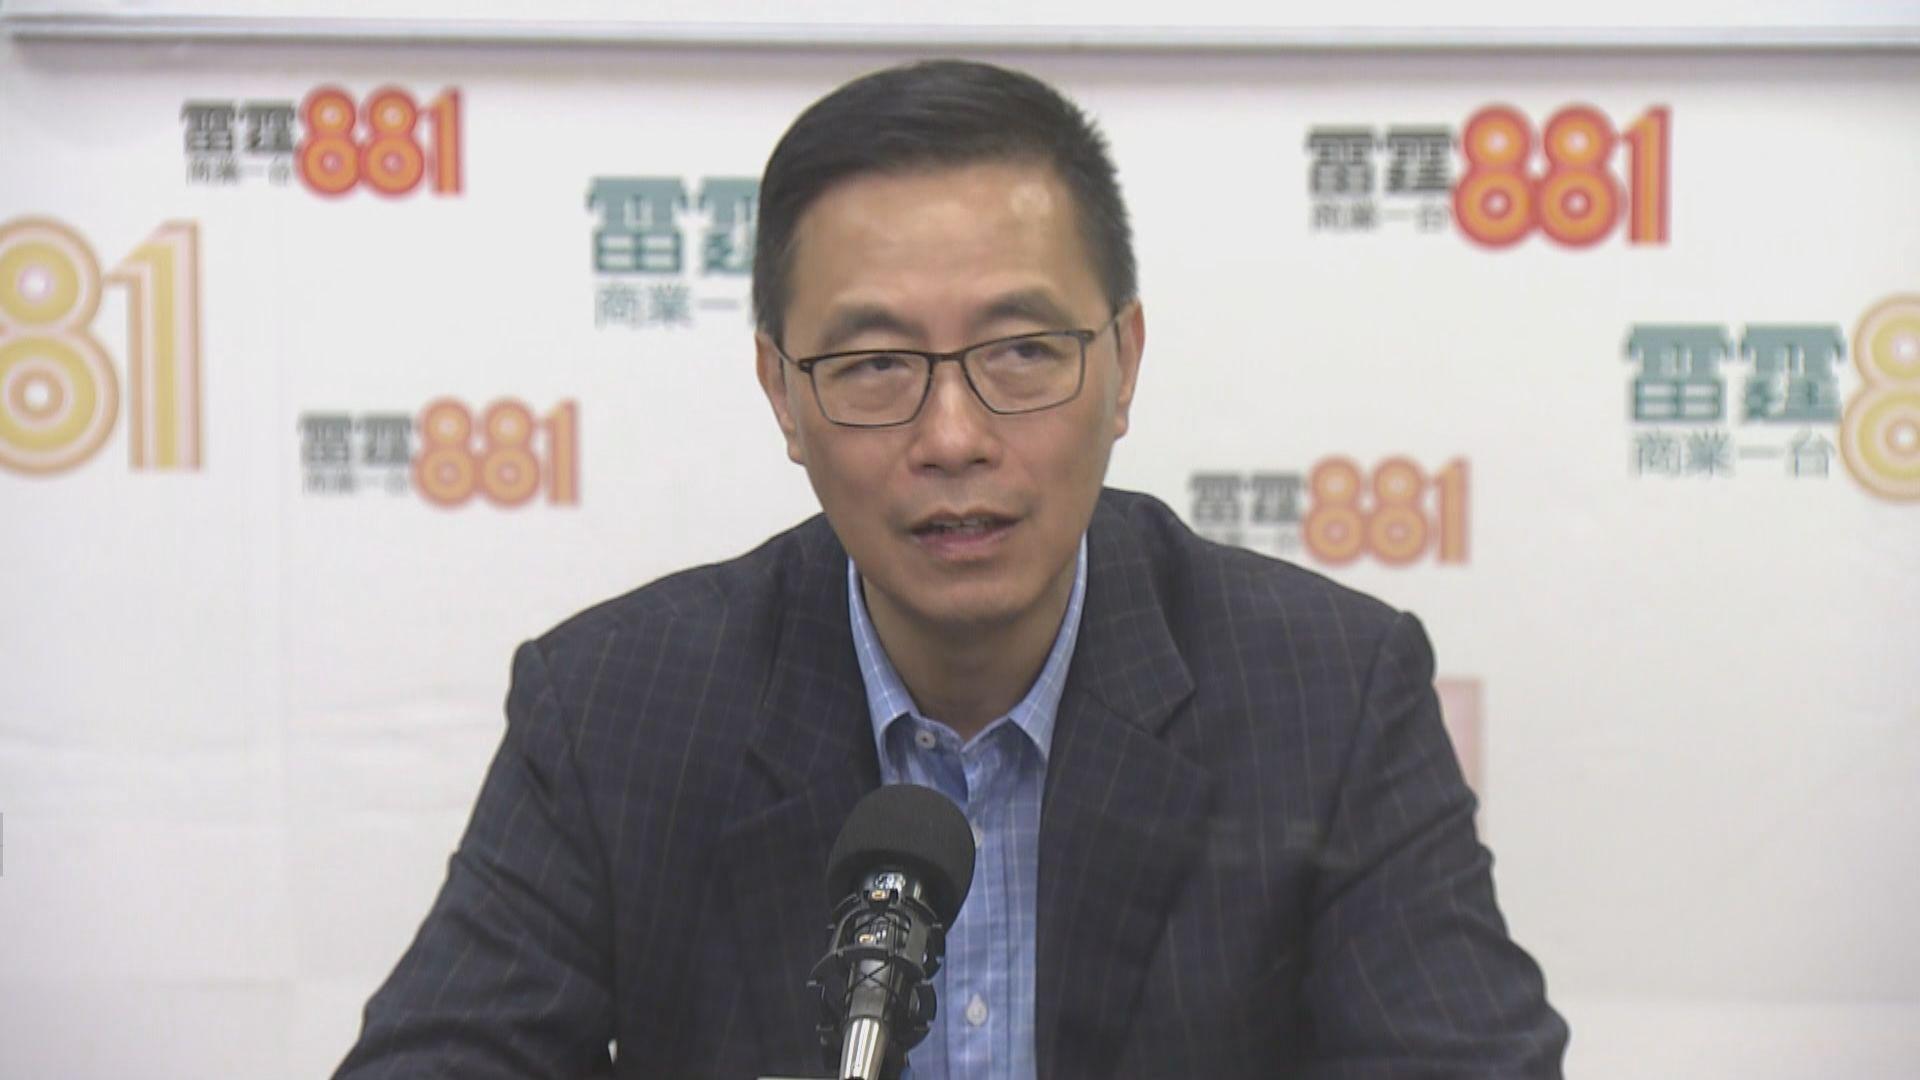 楊潤雄:通識科檢討不應涉政治因素